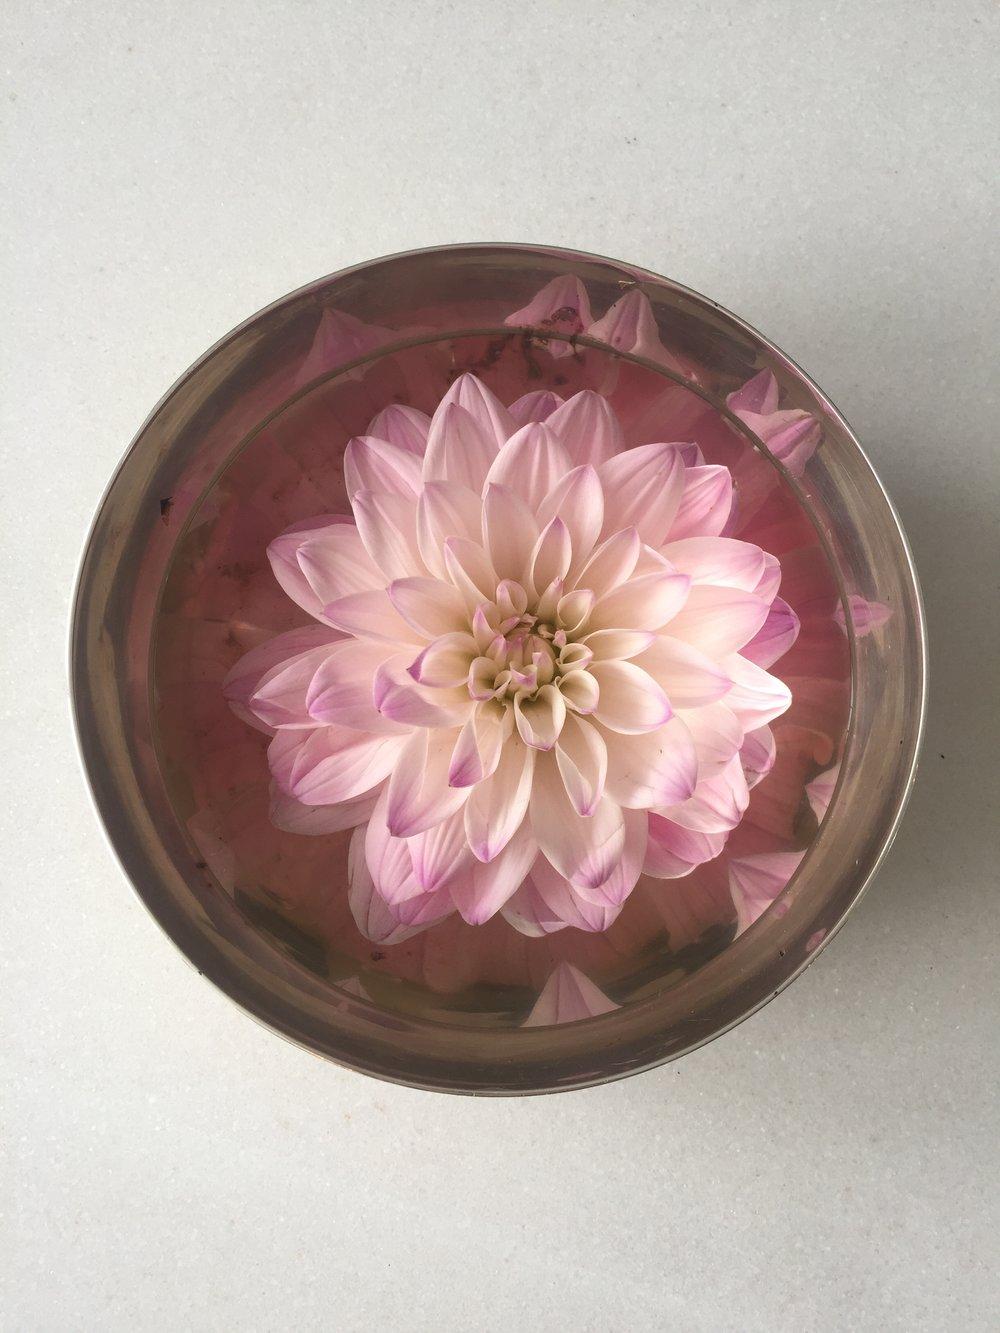 A flesh cut pink flower floats in a reflective brass bowl.